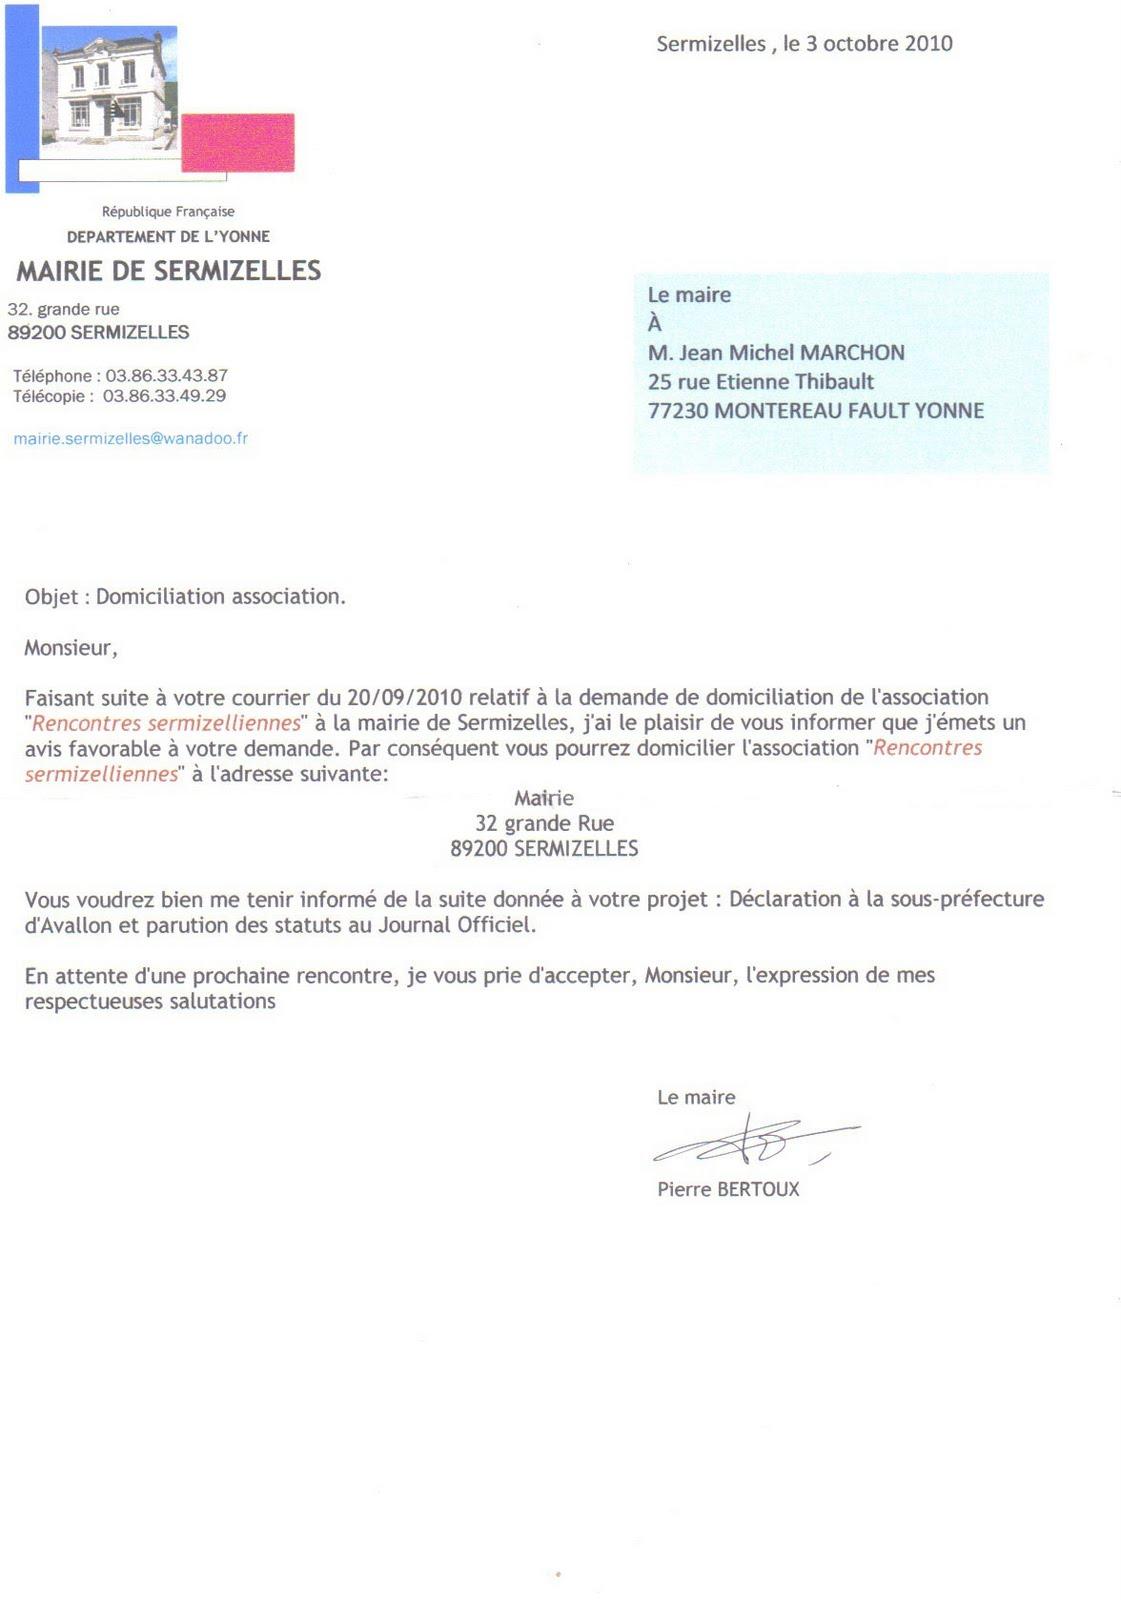 sermizelles  association